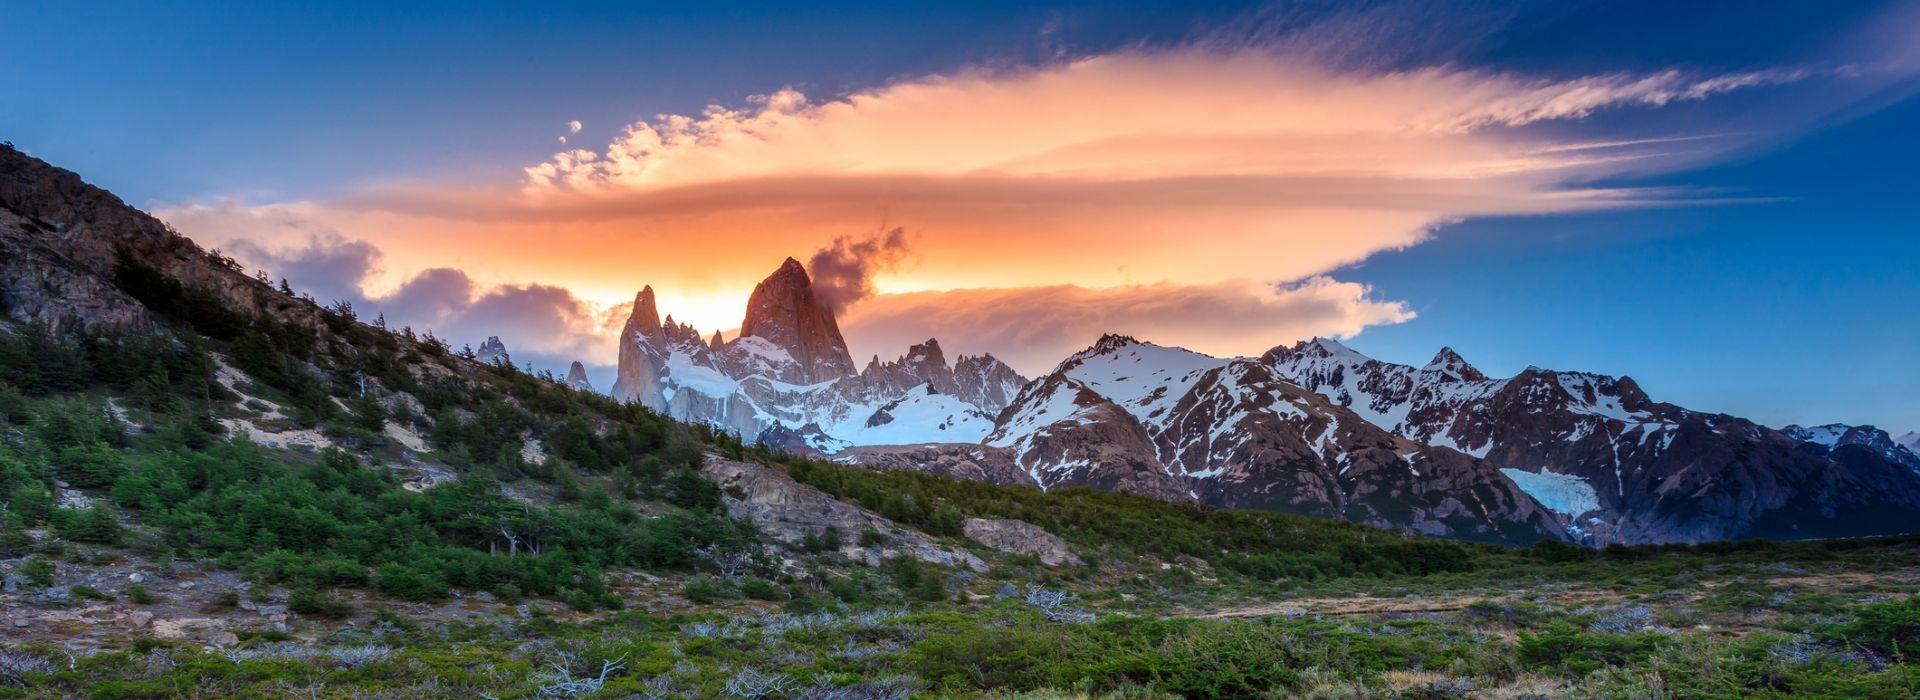 Trekking Tours in Patagonia